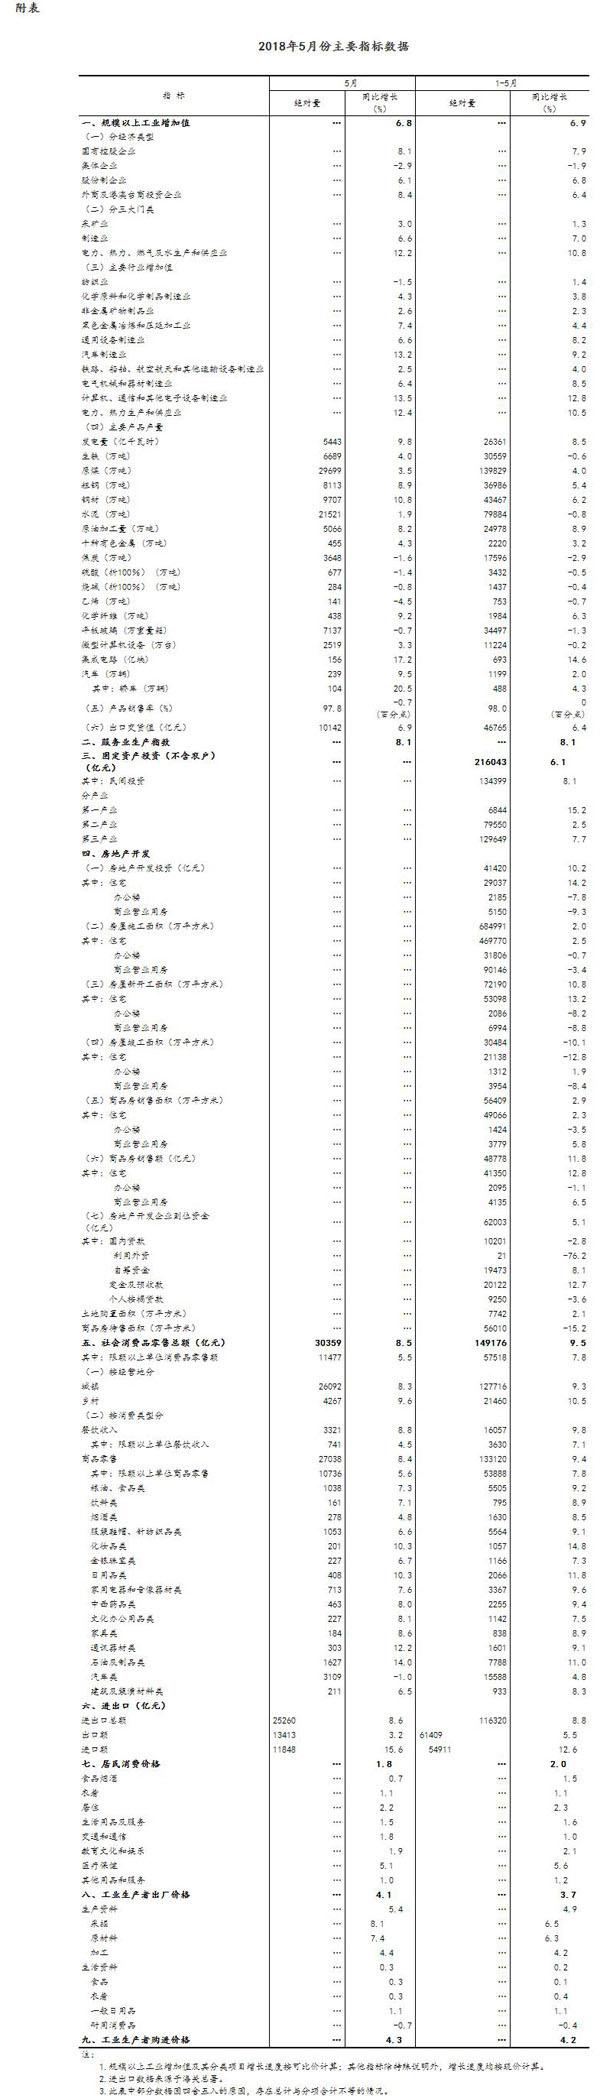 国家统计局:5月份国民经济持续稳中向好